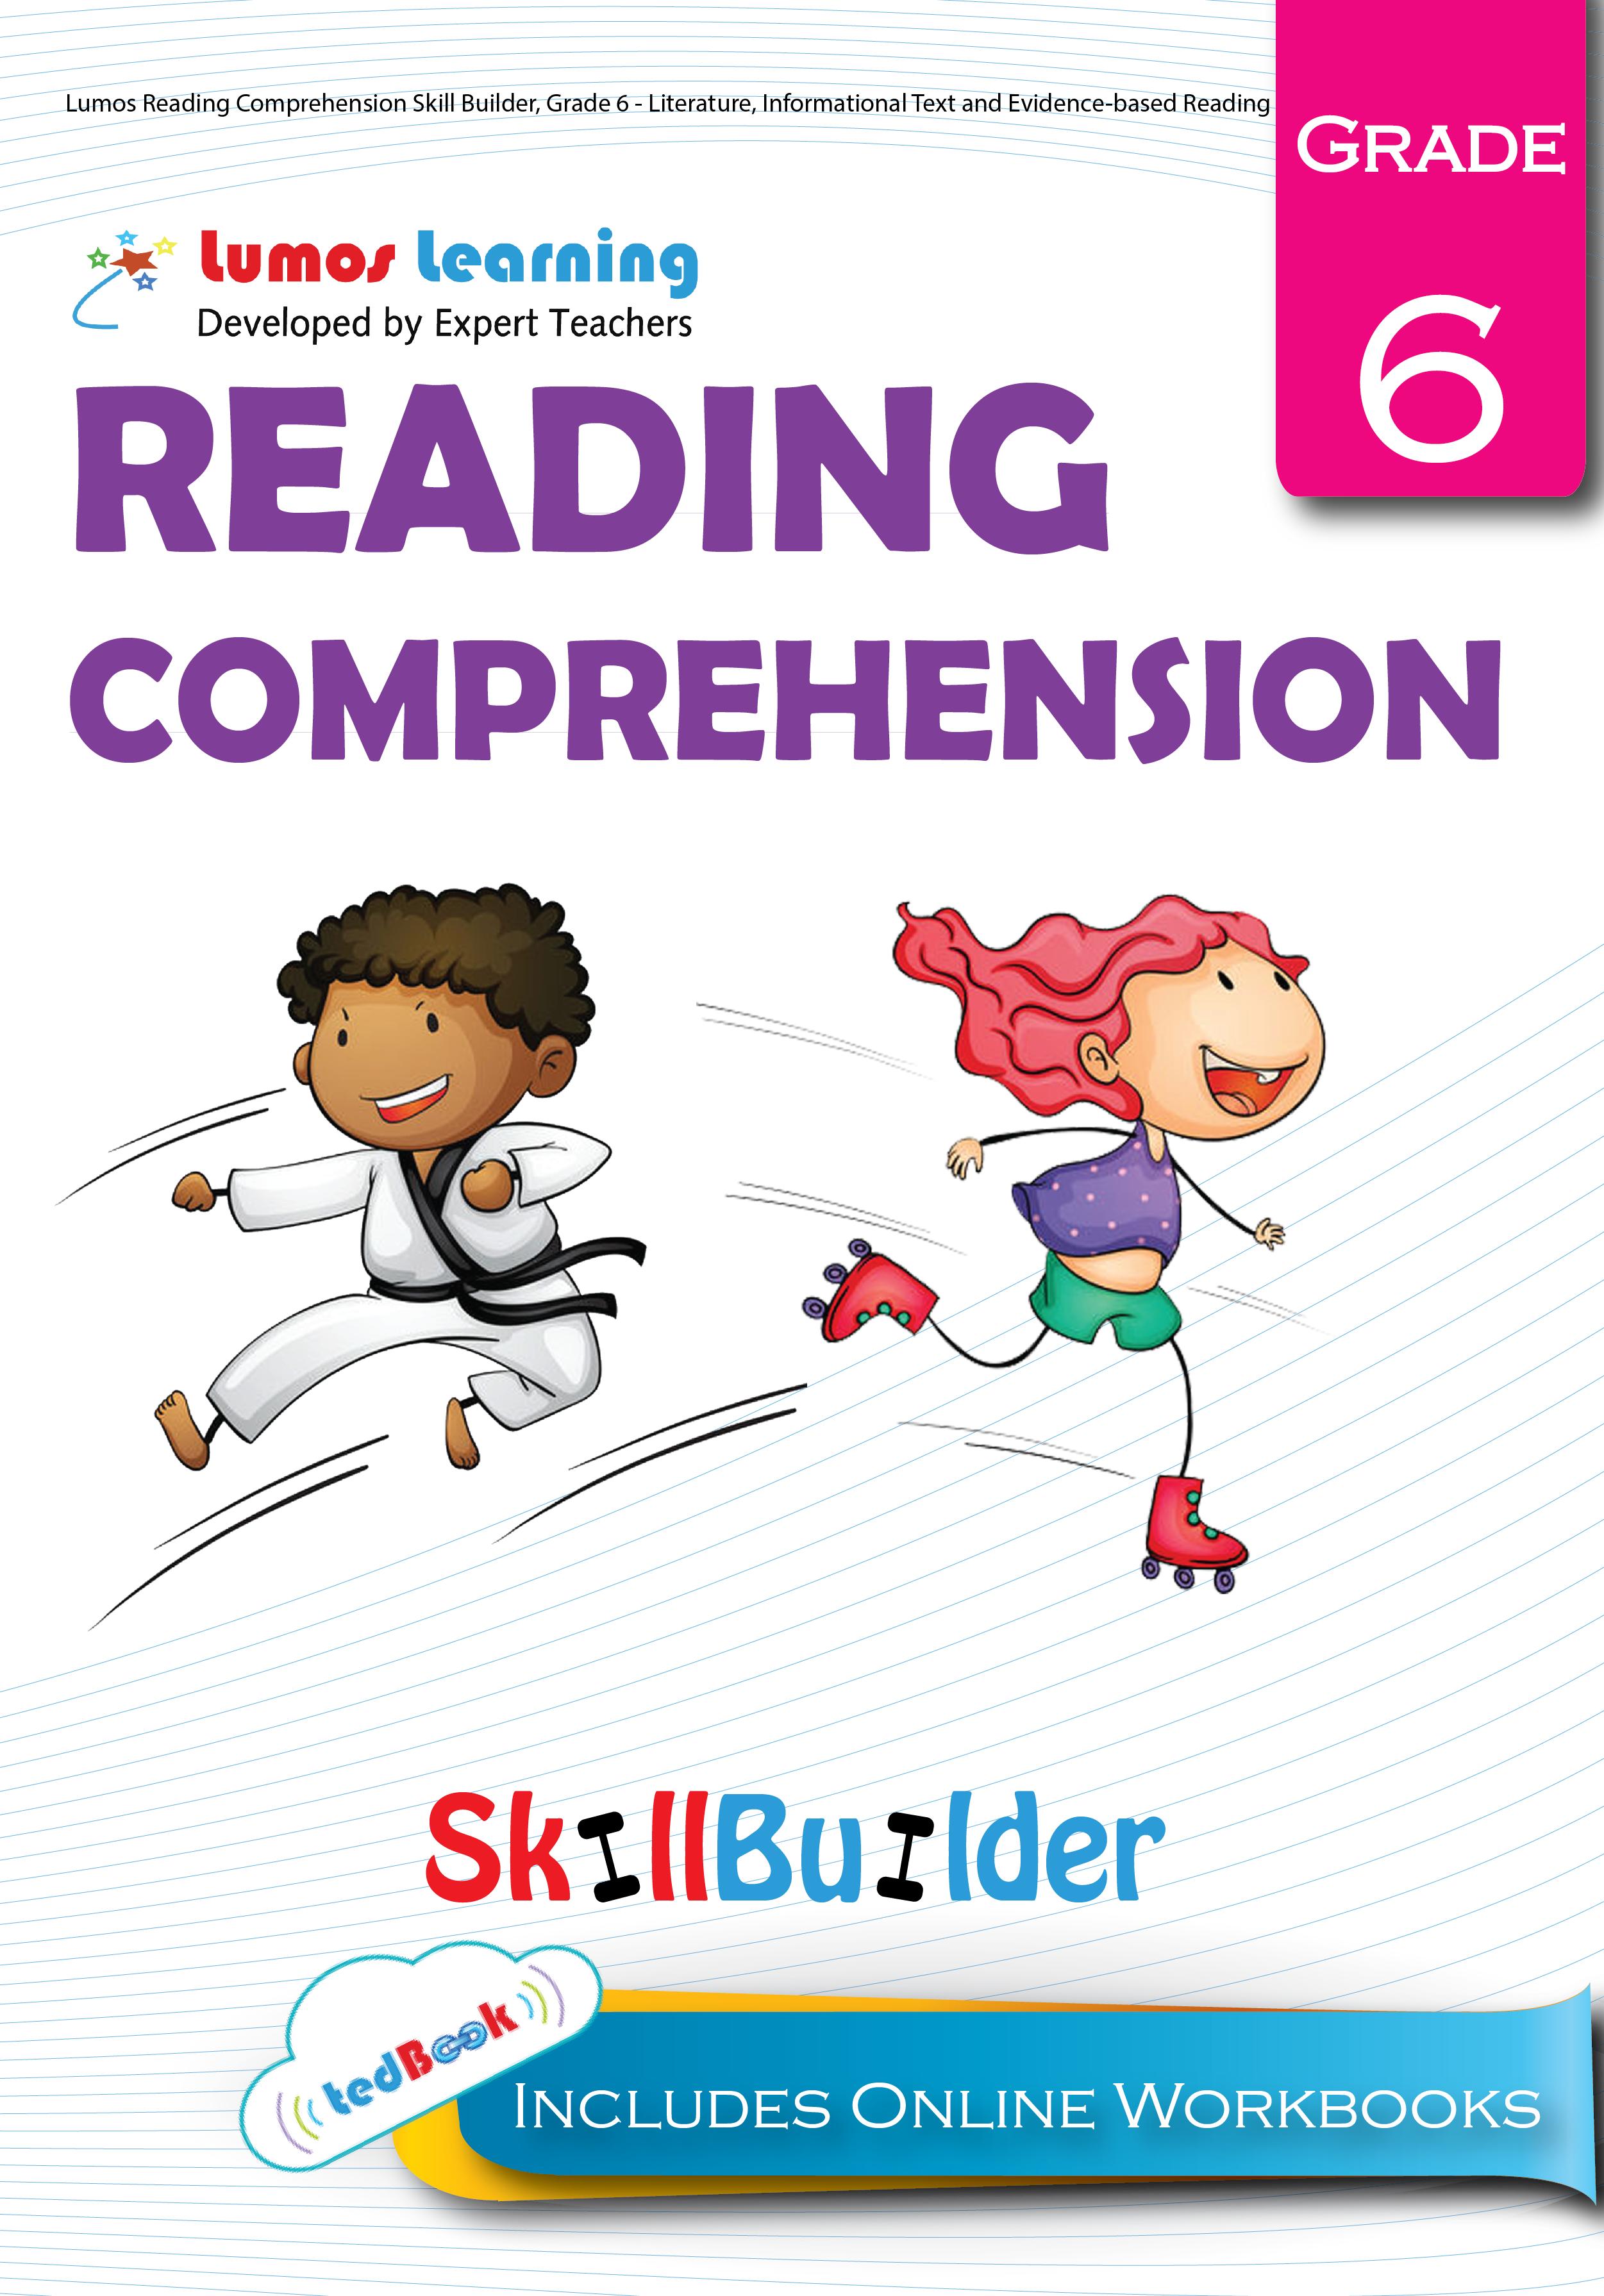 Grade 6 Reading Comprehension